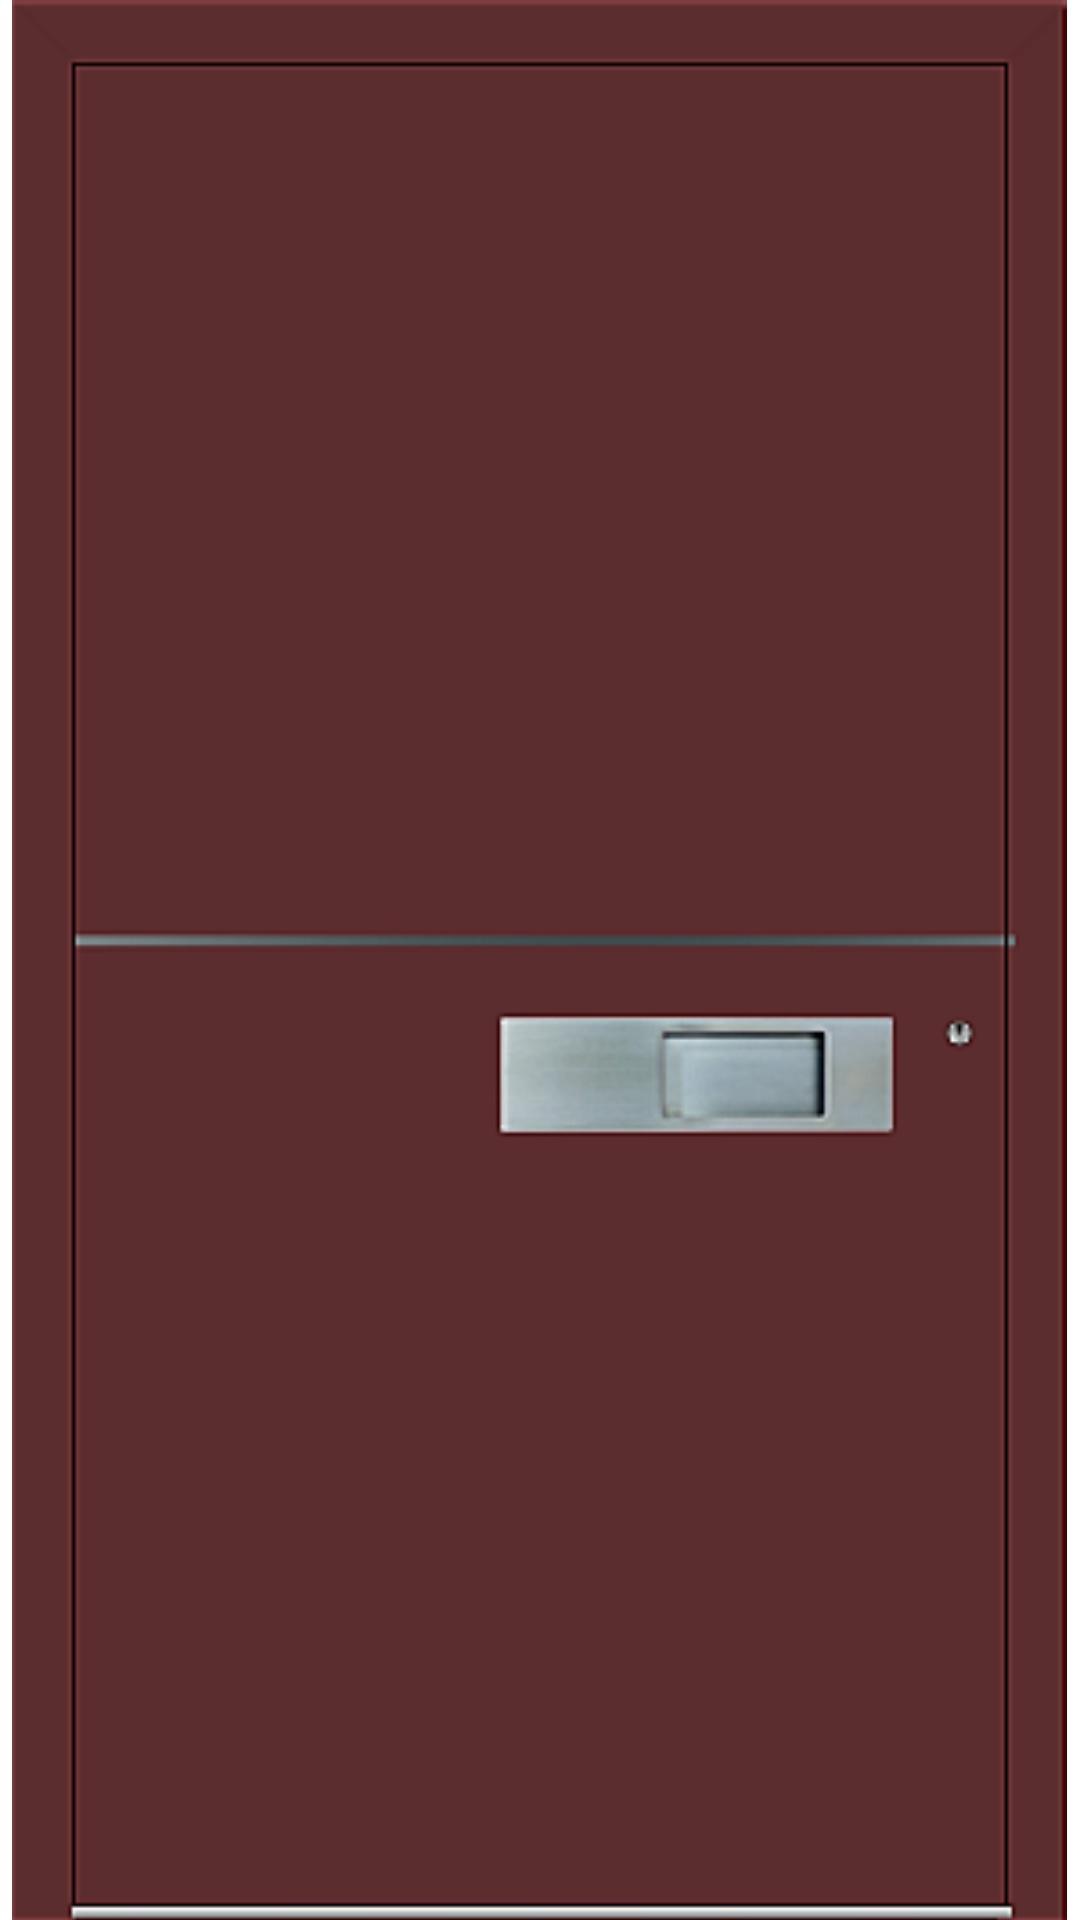 PaXentree Aluminium Haustür M06101 purpurrot